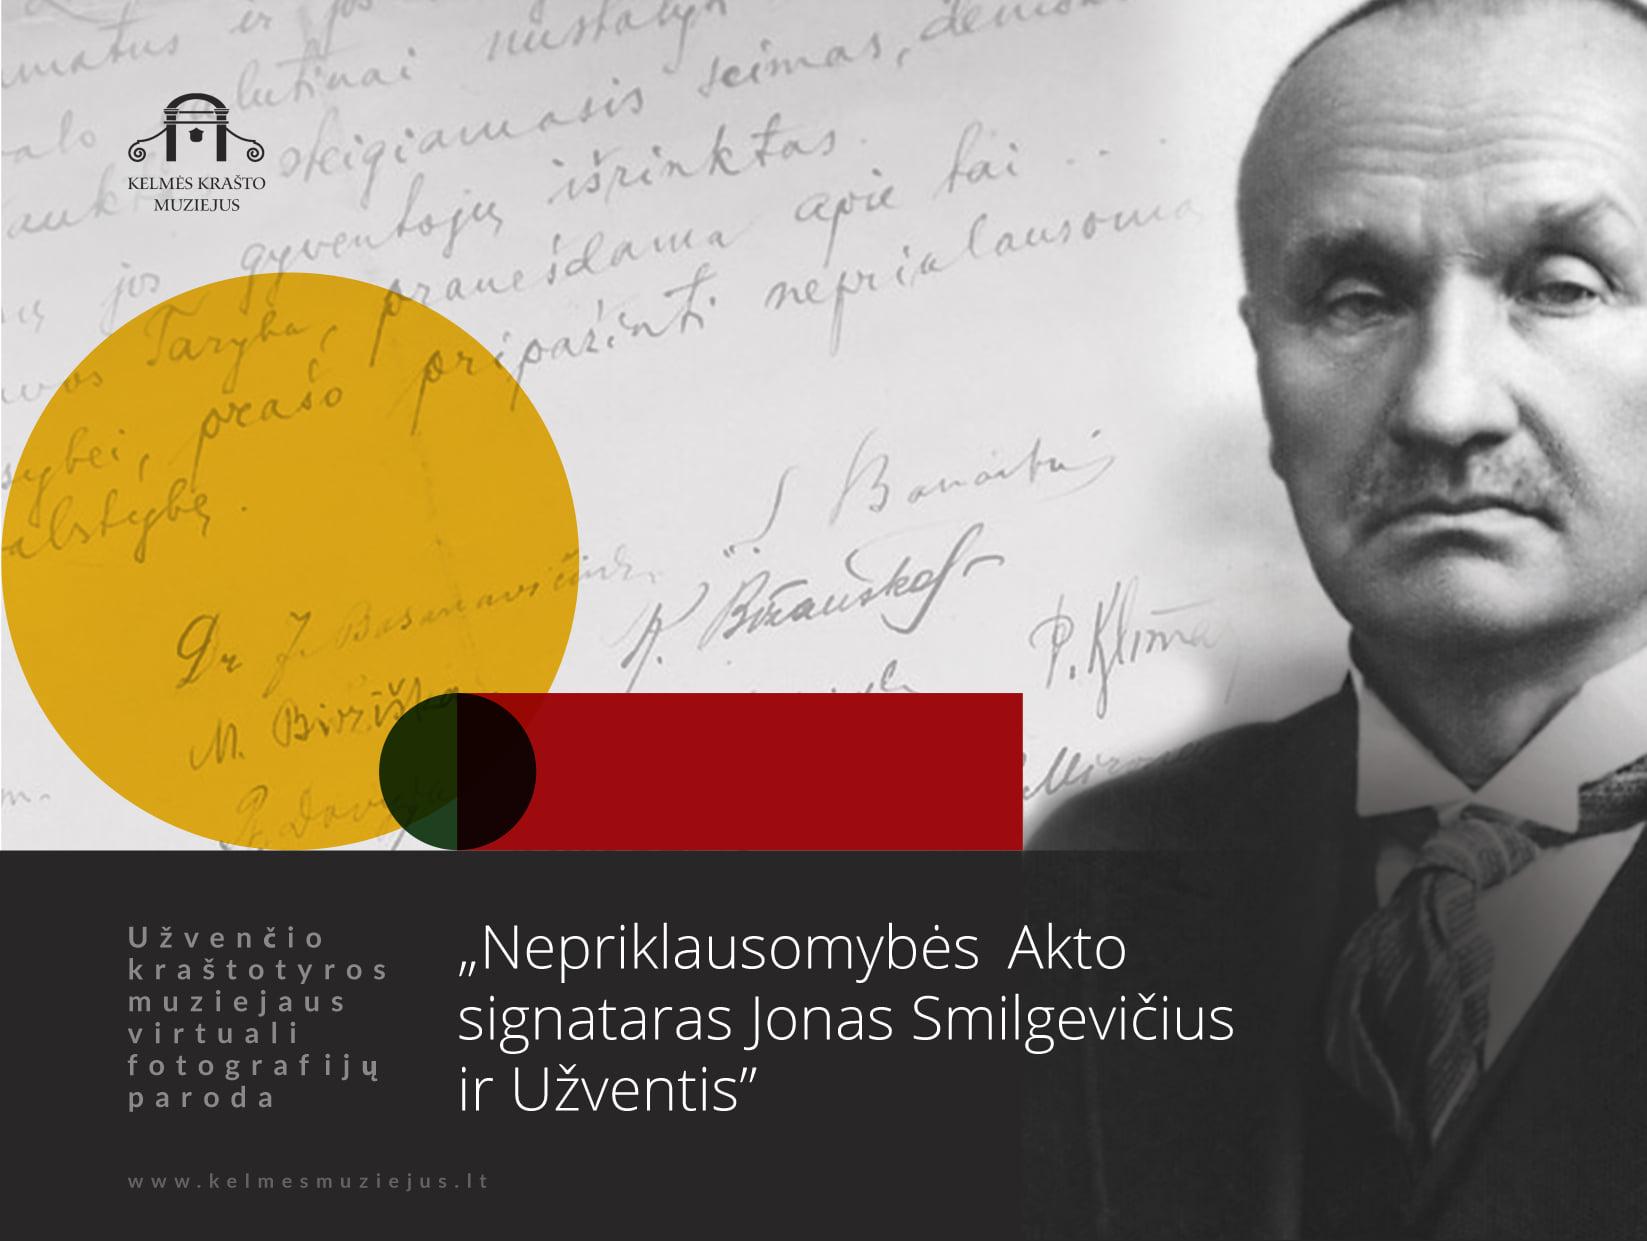 """Virtuali paroda """"Nepriklausomybės Akto signataras Jonas Smilgevičius ir Užventis"""""""